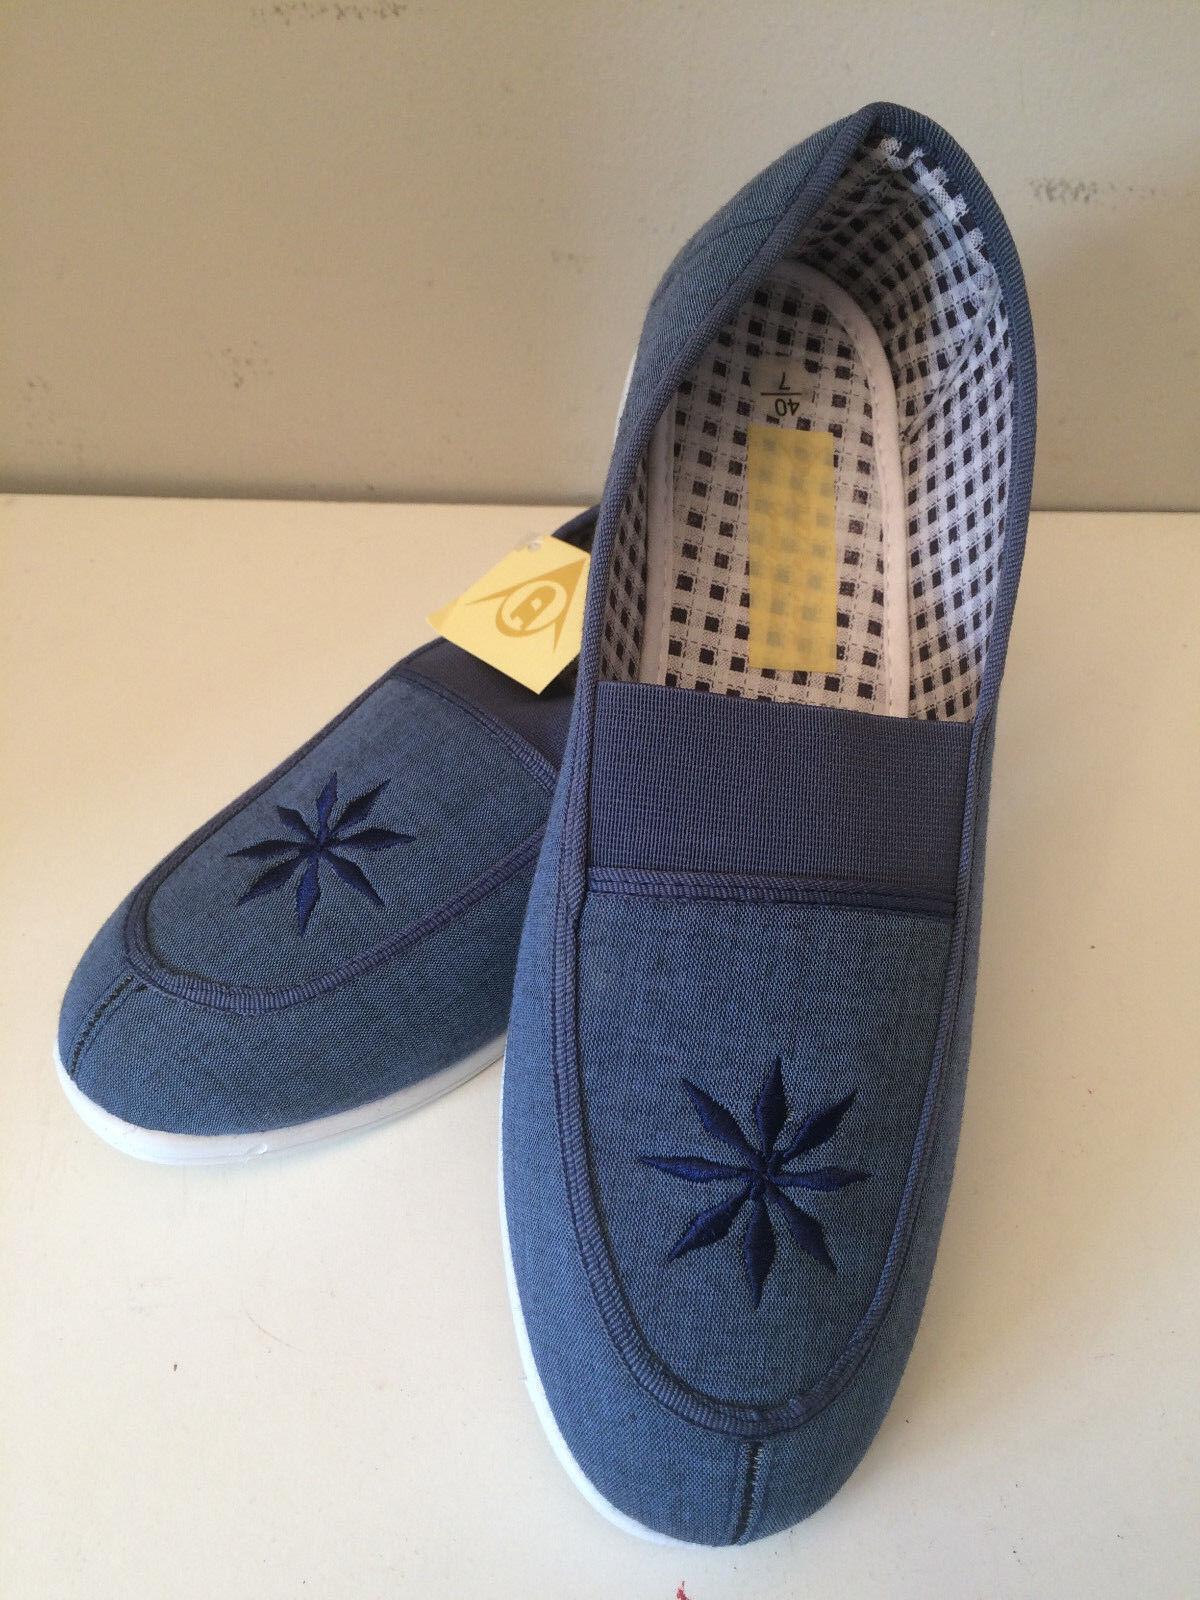 Slip On Casual Canvas Espadrilles Deck Plimsolls Trainers Pumps  Shoe Size    Pumps  JP c3c9c6